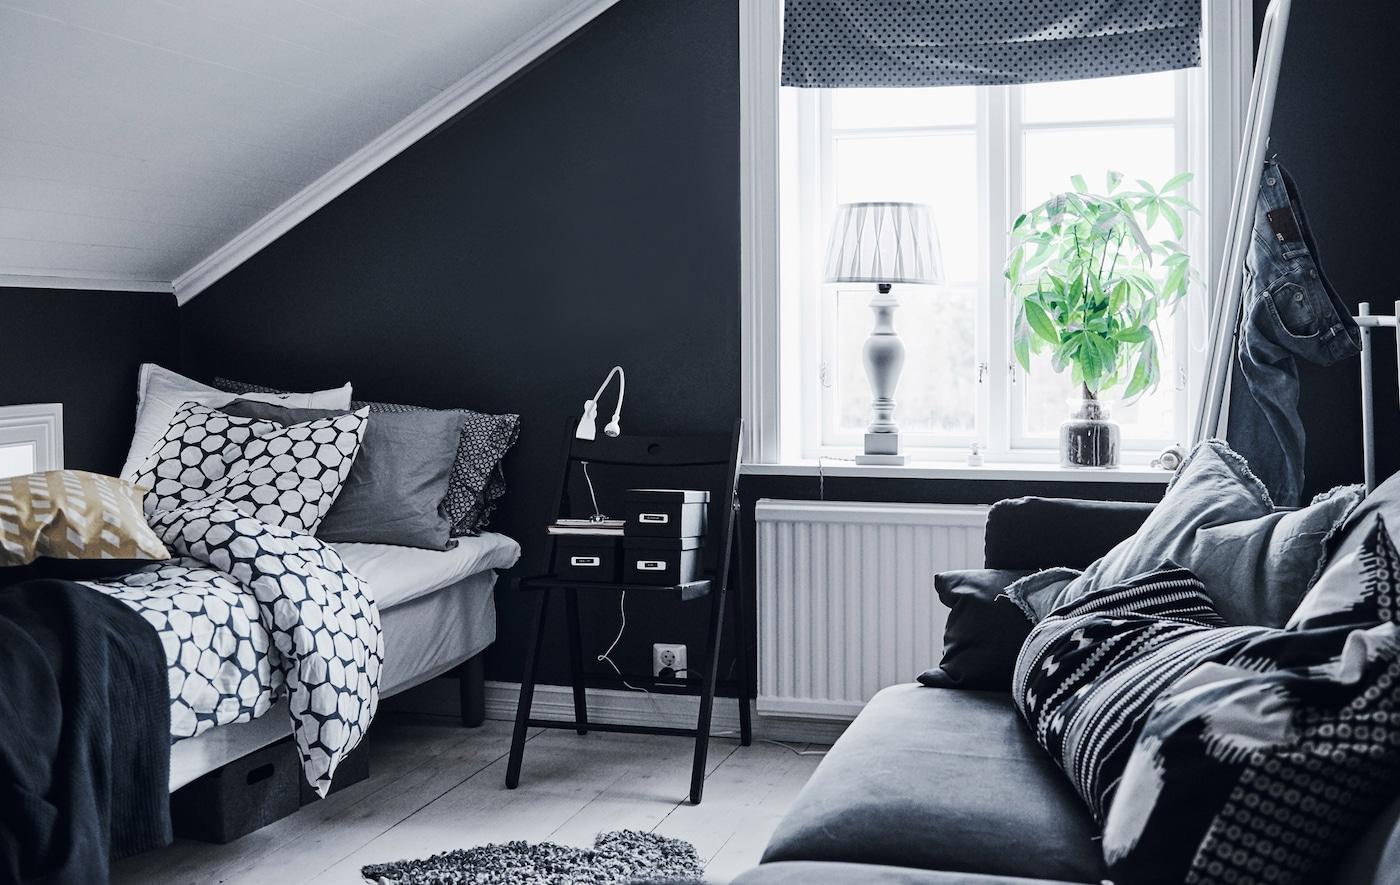 Cooles Jugendzimmer Einrichten Mix Style Ikea Deutschland